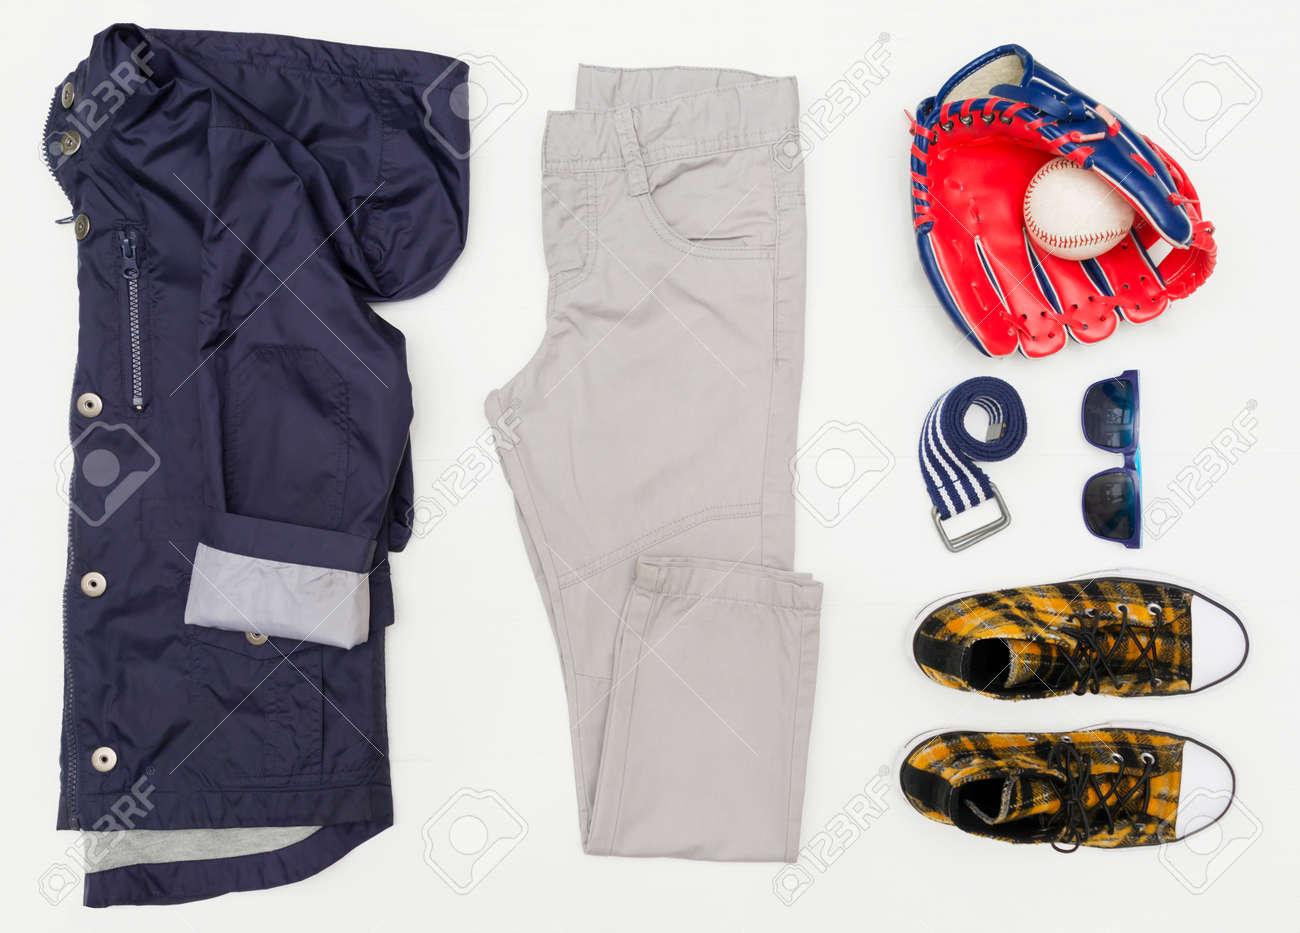 bd73cff489b6d Banque d images - Look tendance mode vue de dessus des vêtements pour  enfants sur un fond en bois blanc. Mode enfantine Printemps